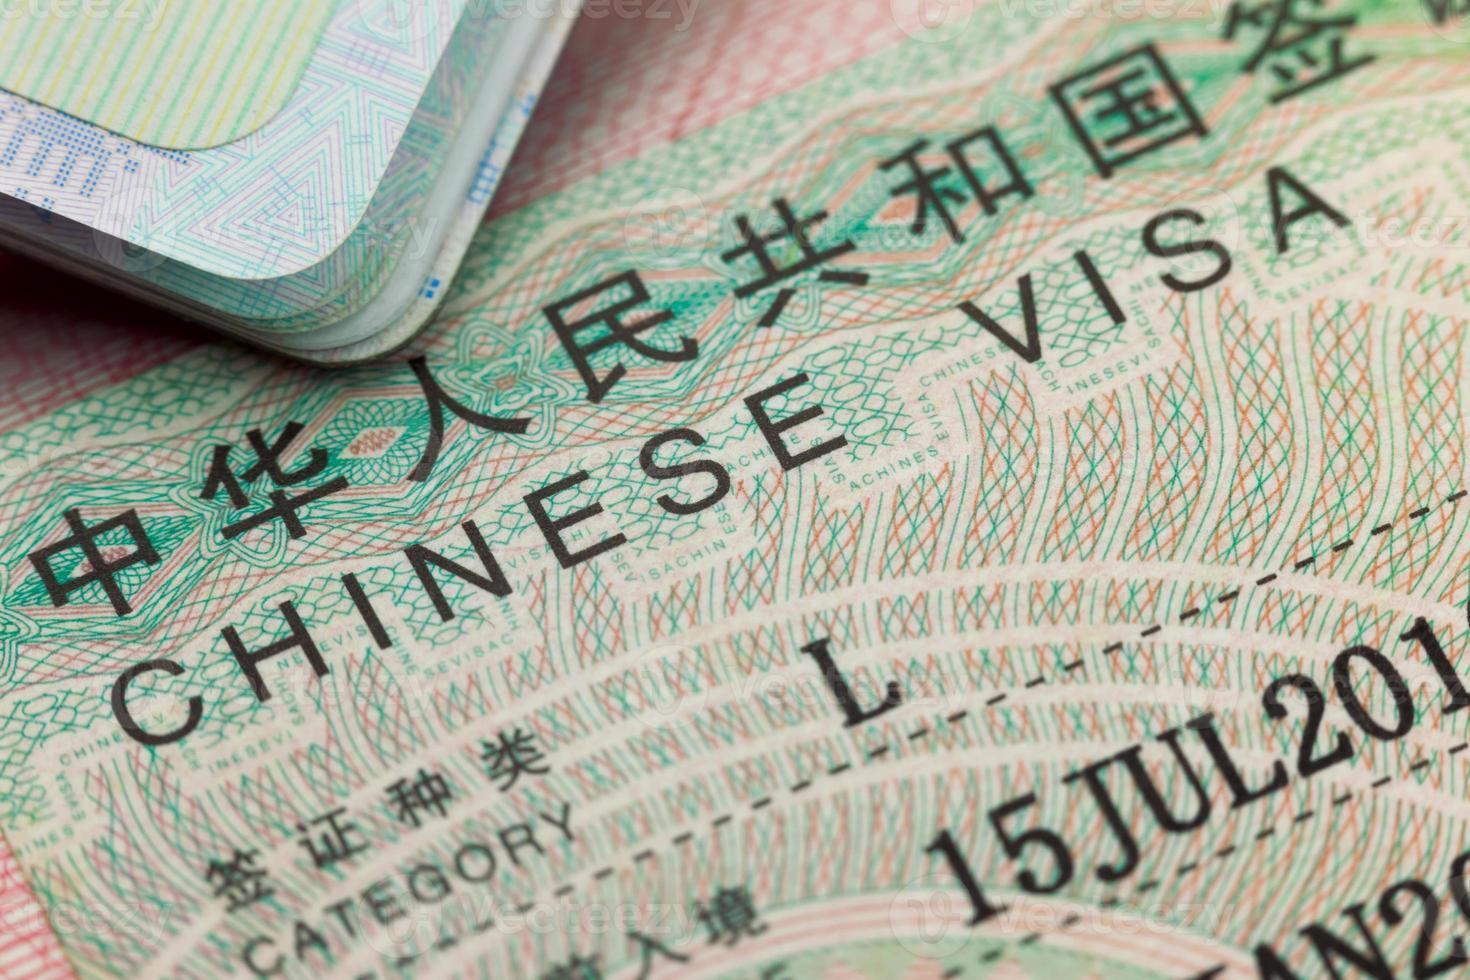 visto chinês em um passaporte - aproveite a viagem foto